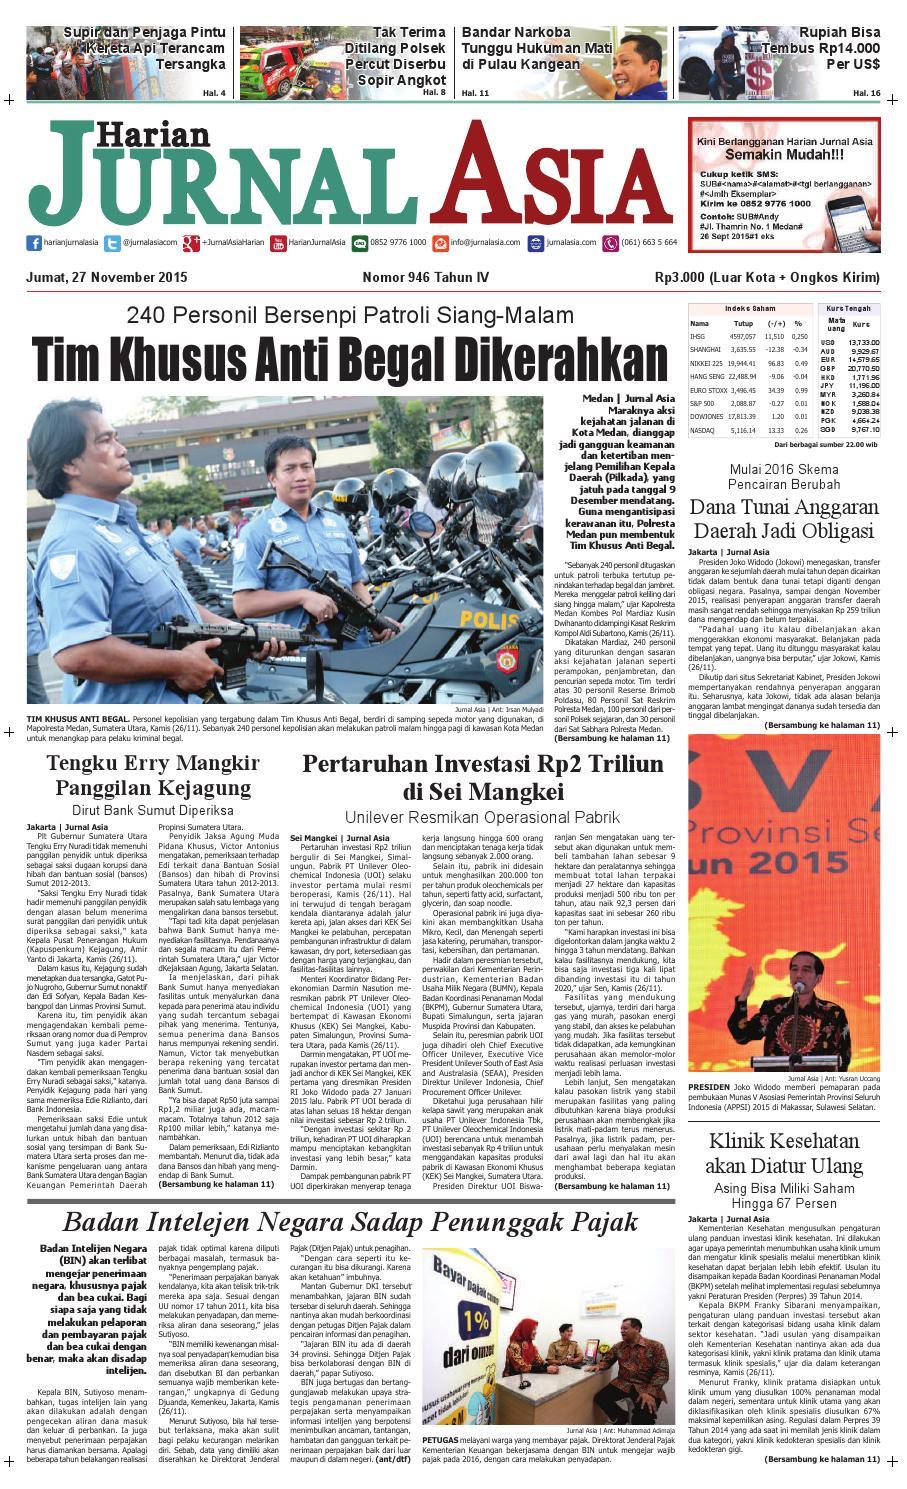 Harian Jurnal Asia Edisi Jumat 27 November 2015 By Kopi Robusta Yoen Iskan Akumandiri Medan Issuu